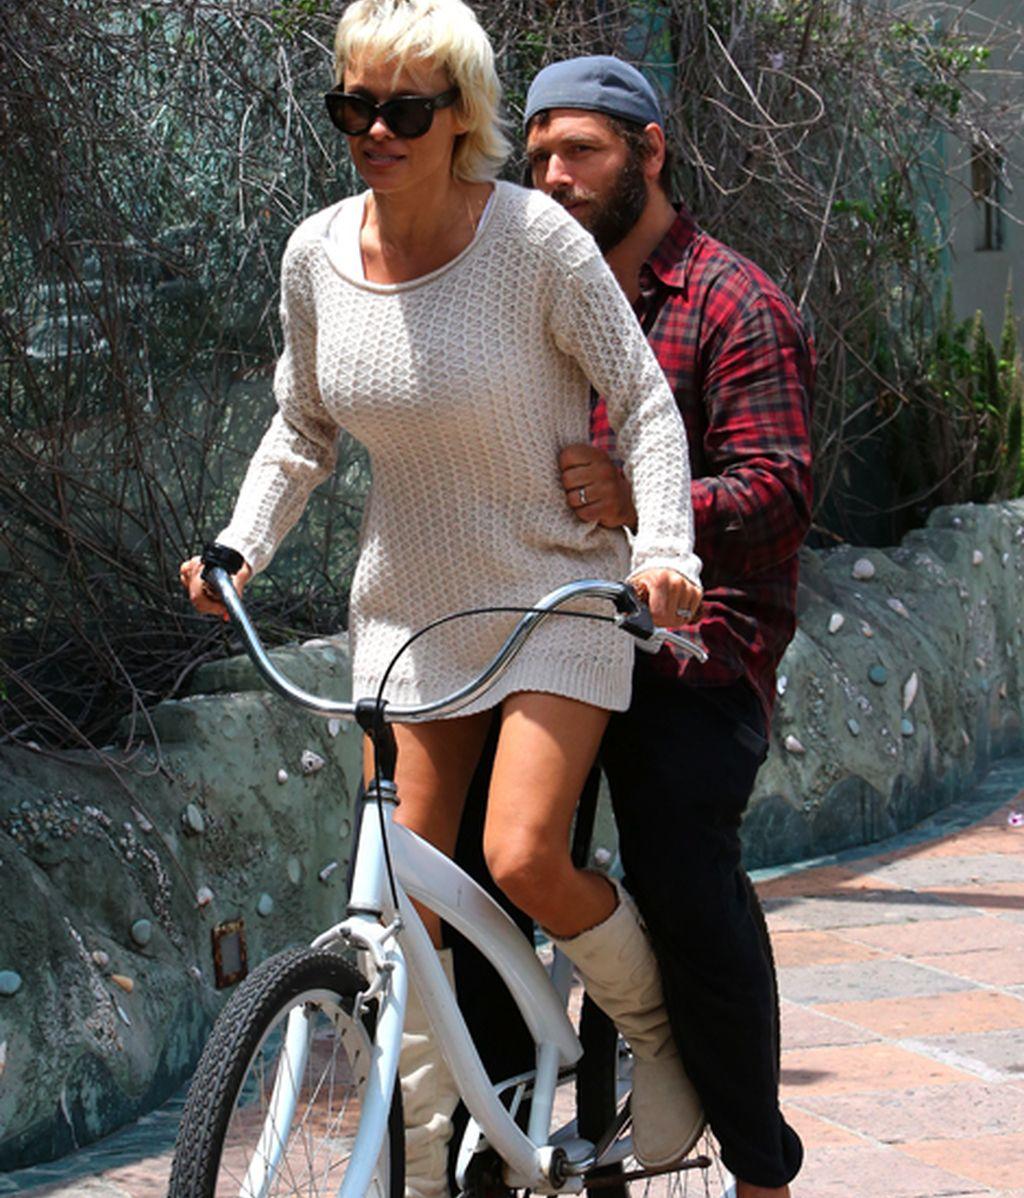 La bici, un 'must' entre los famosos